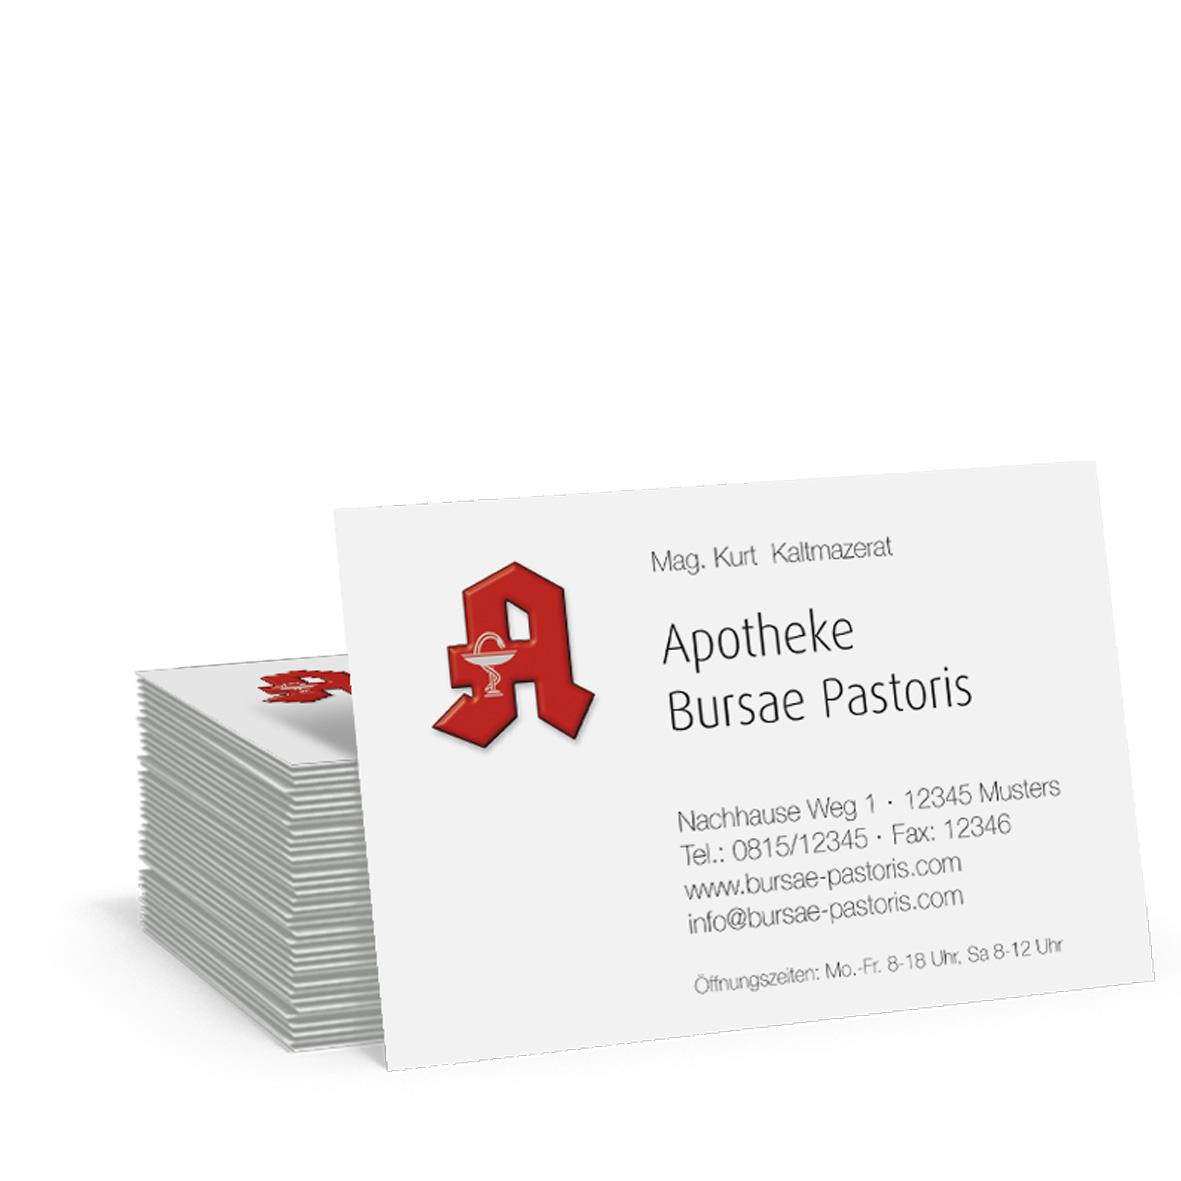 Pythagoras Marketing Gmbh Geschäftskarte Apotheke Deutschland Geschenkgutscheine Visitenkarten Kundenkarten Und Weitere Treuesysteme